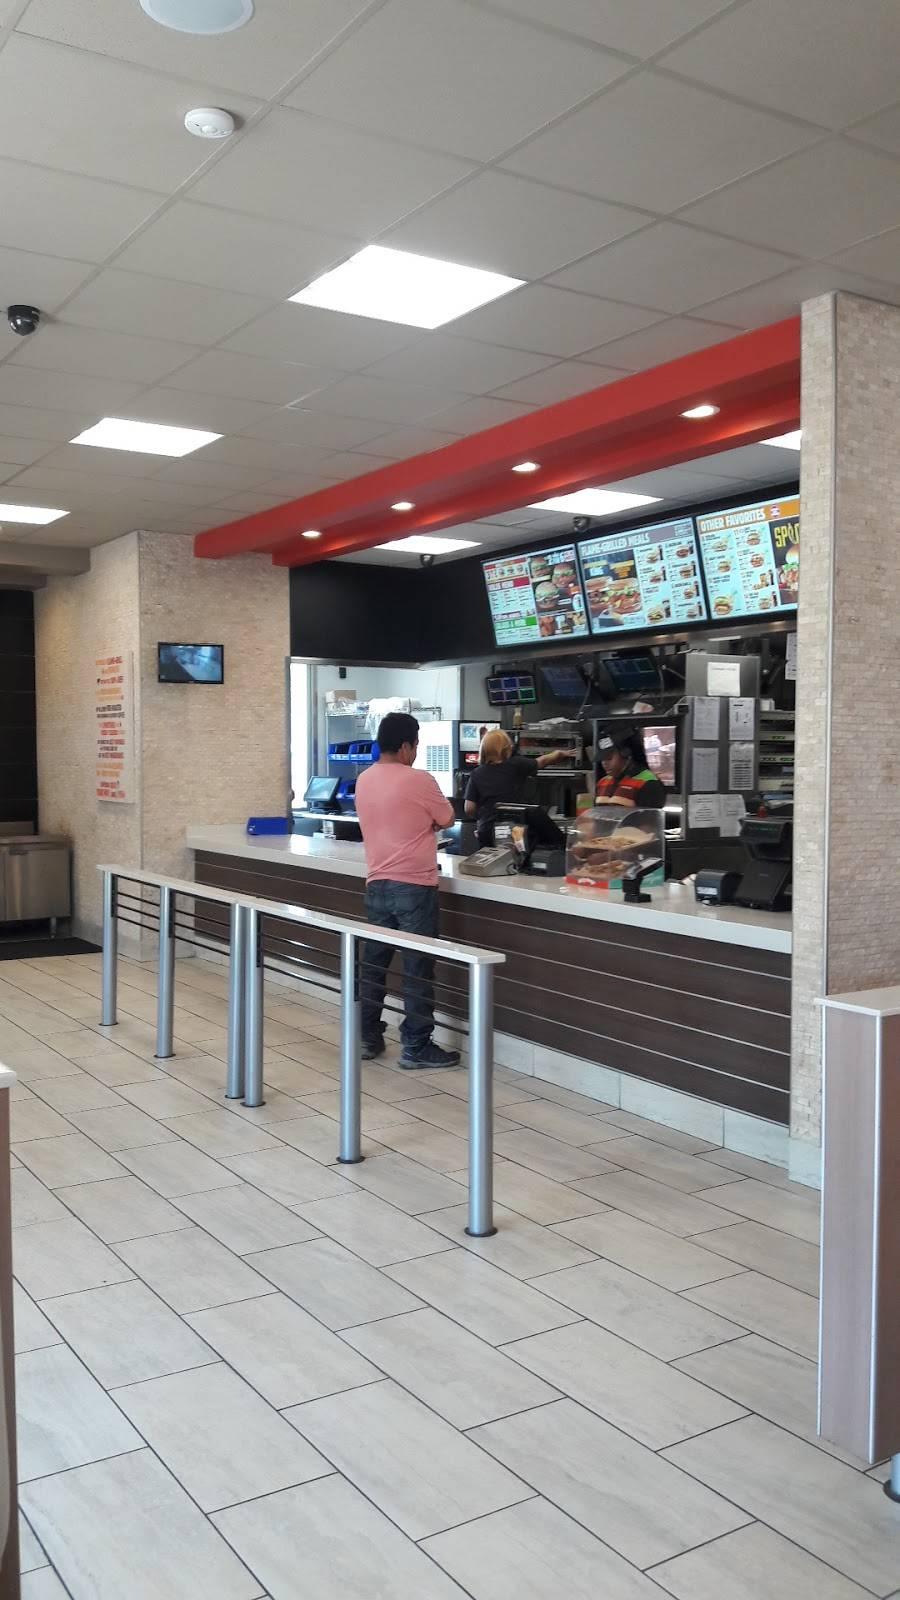 Burger King | restaurant | 1484 Forestdale Blvd, Birmingham, AL 35214, USA | 2055385111 OR +1 205-538-5111